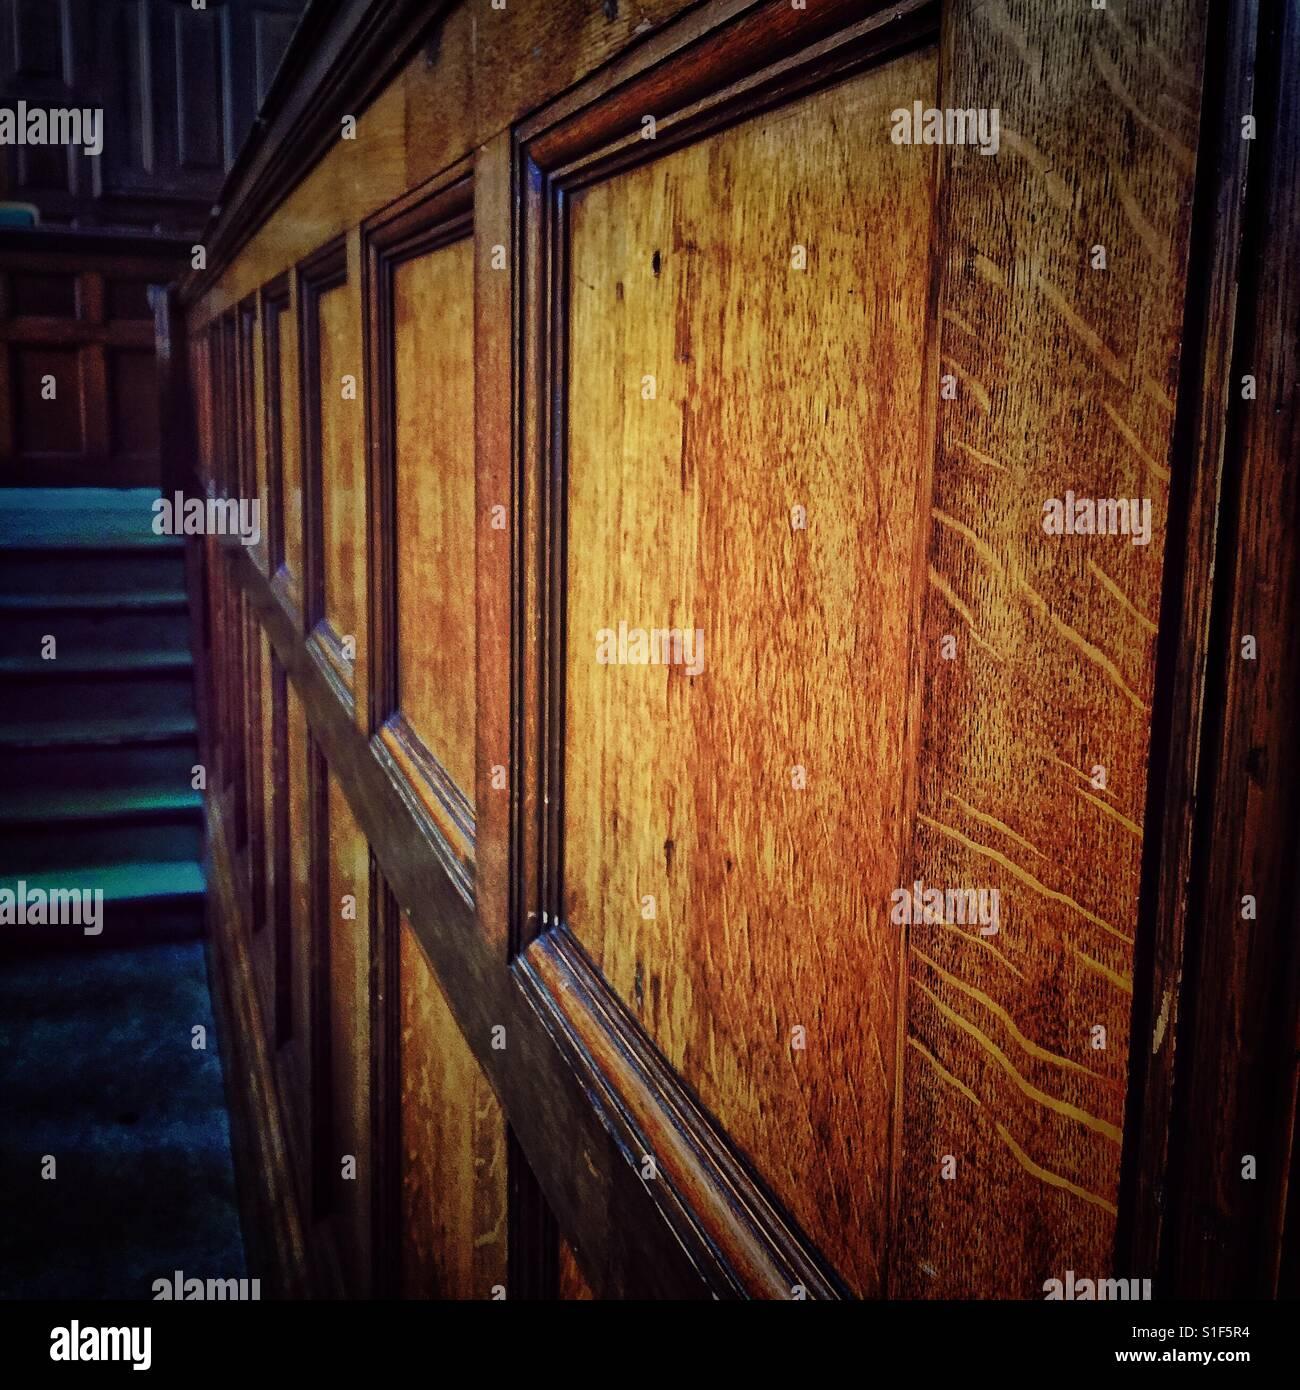 Arañazos en los tradicionales paneles de madera en un tribunal de derecho Imagen De Stock